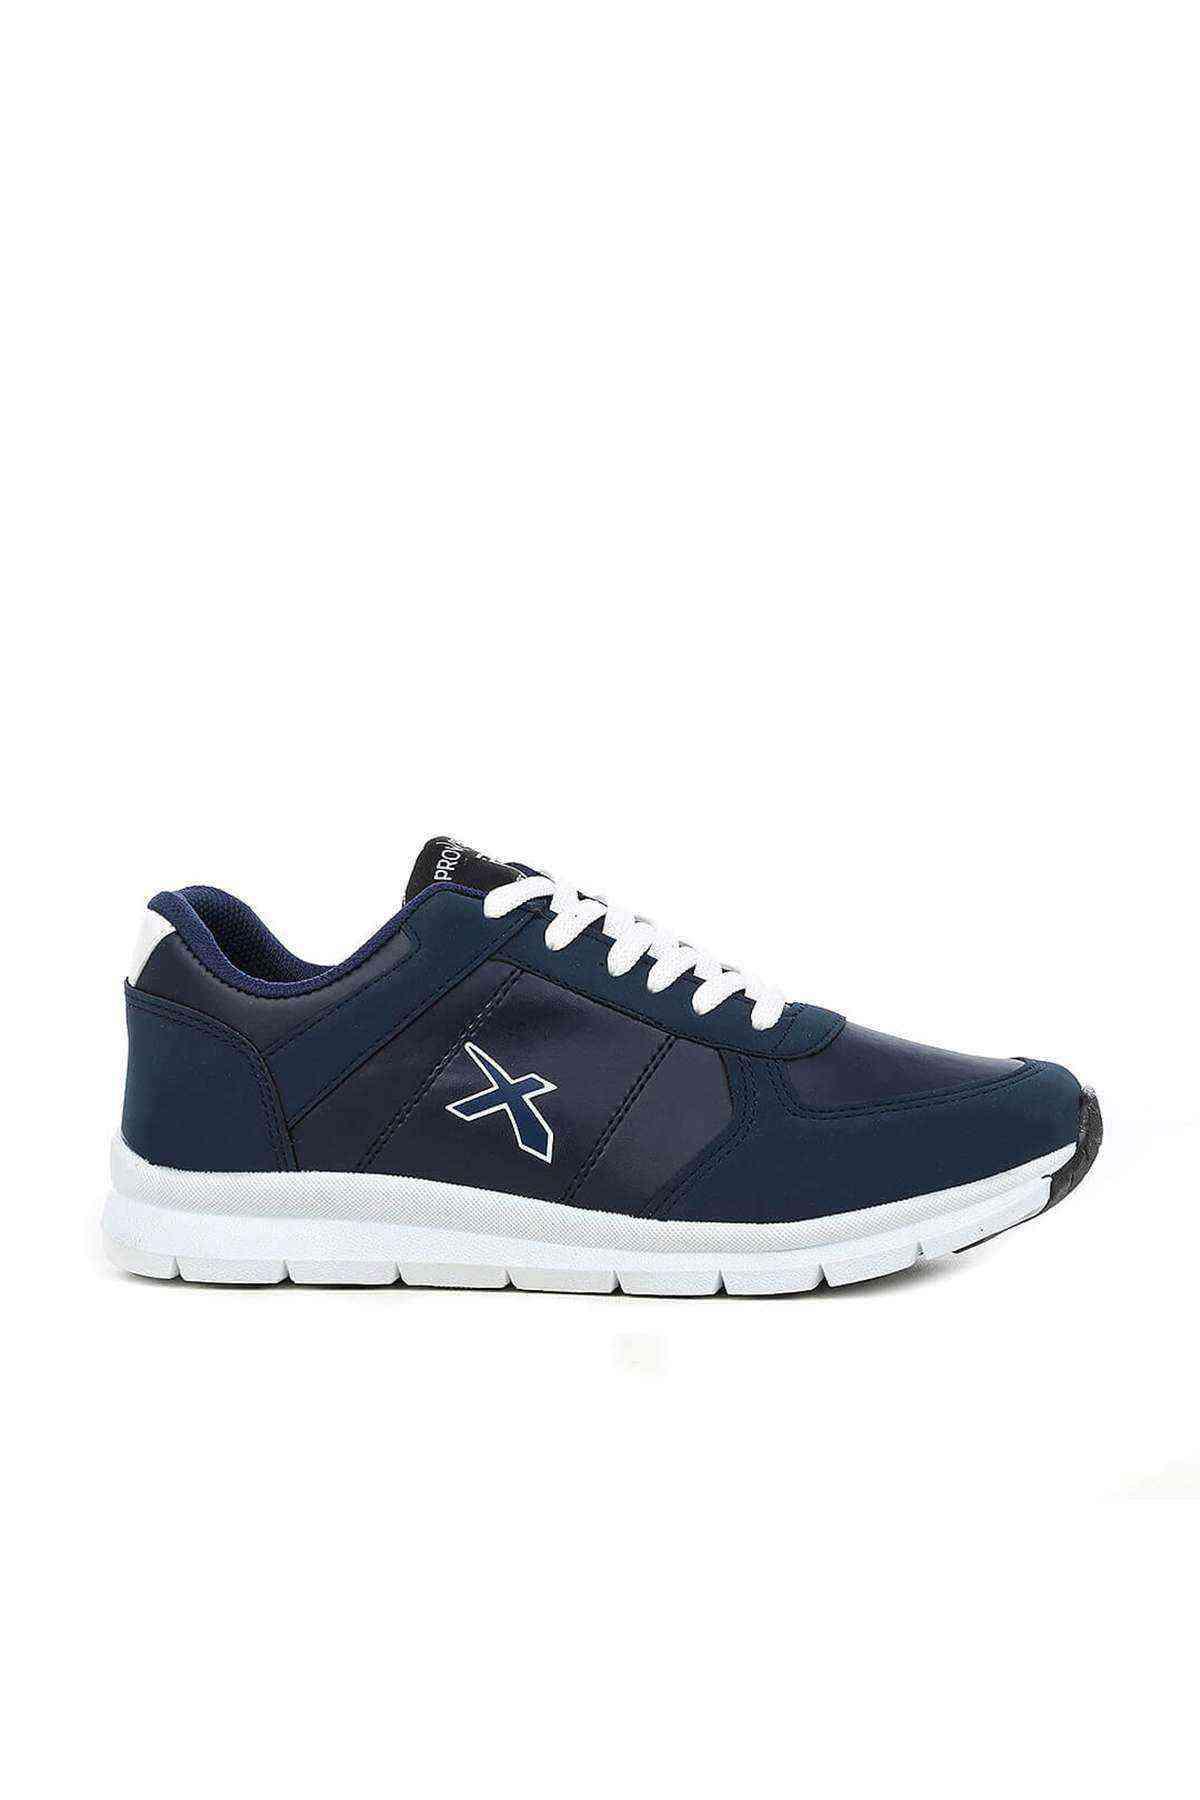 Lacivert Erkek Spor Ayakkabı - Prowess 210